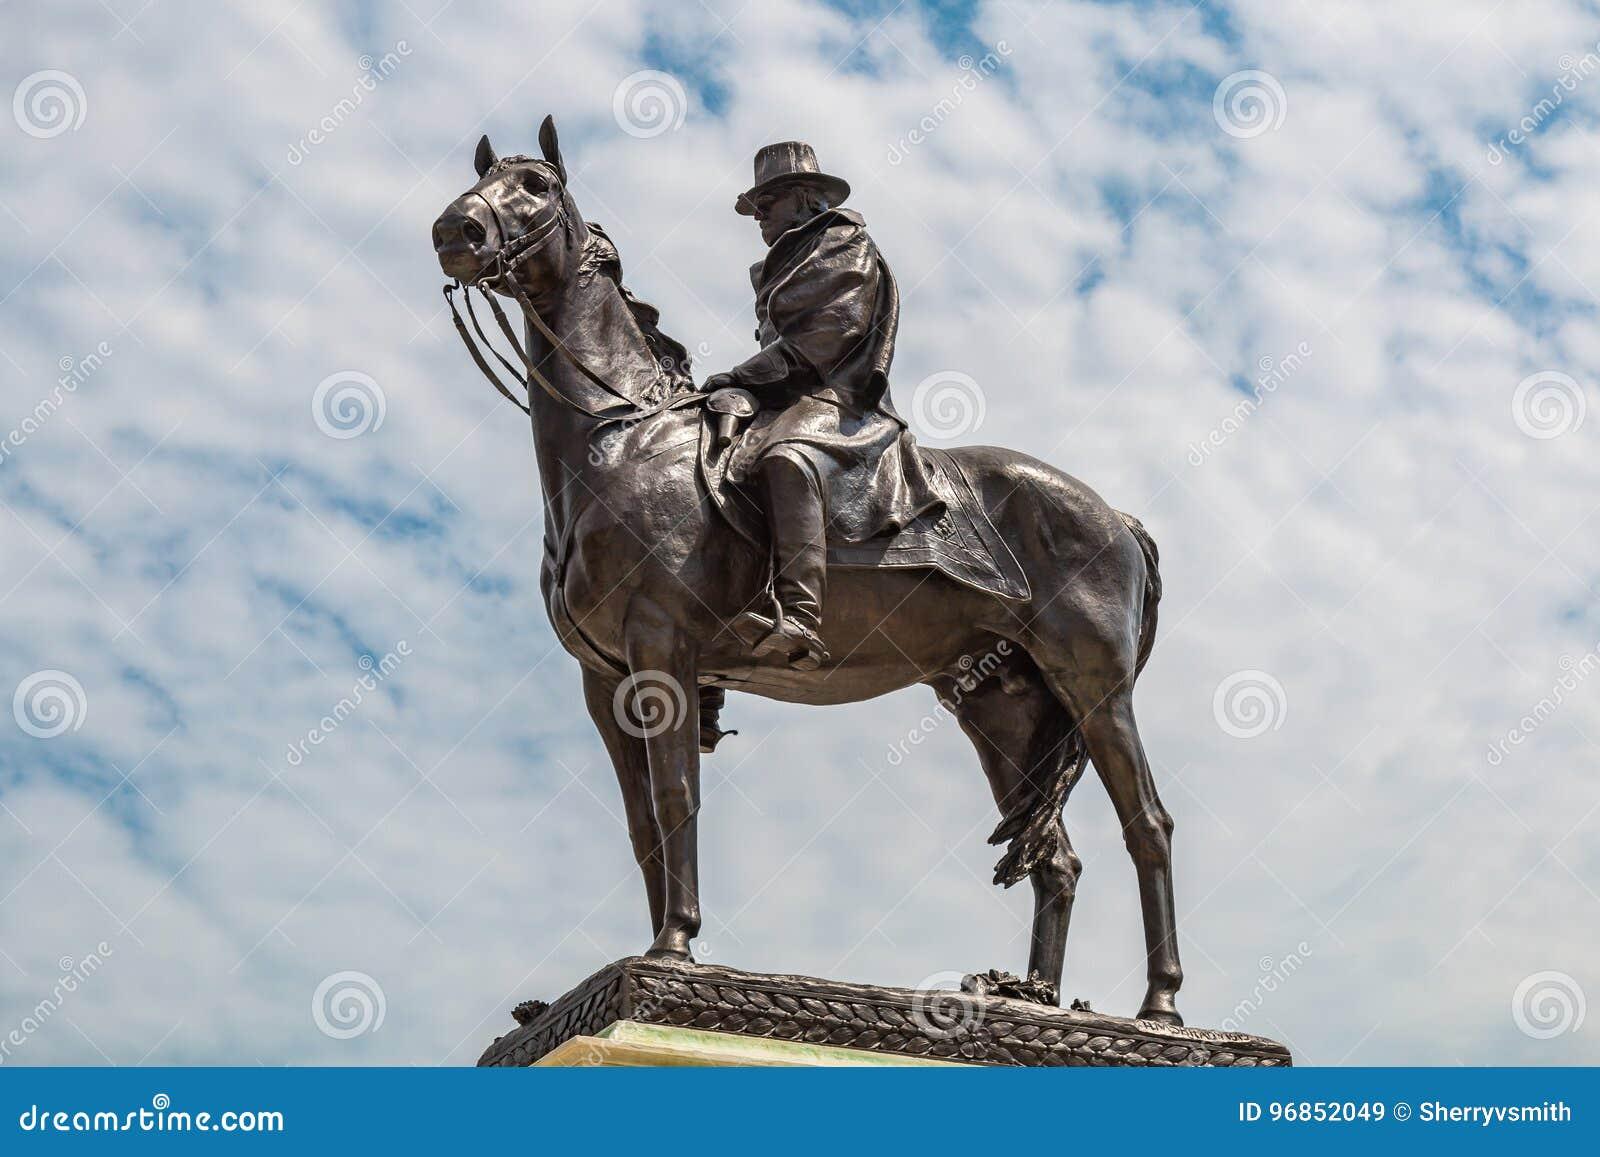 Beviljar svarta dollar femtio för sedeln isolerad bildstående s ulysses oss white Grant Memorial Statue i Washington, DC